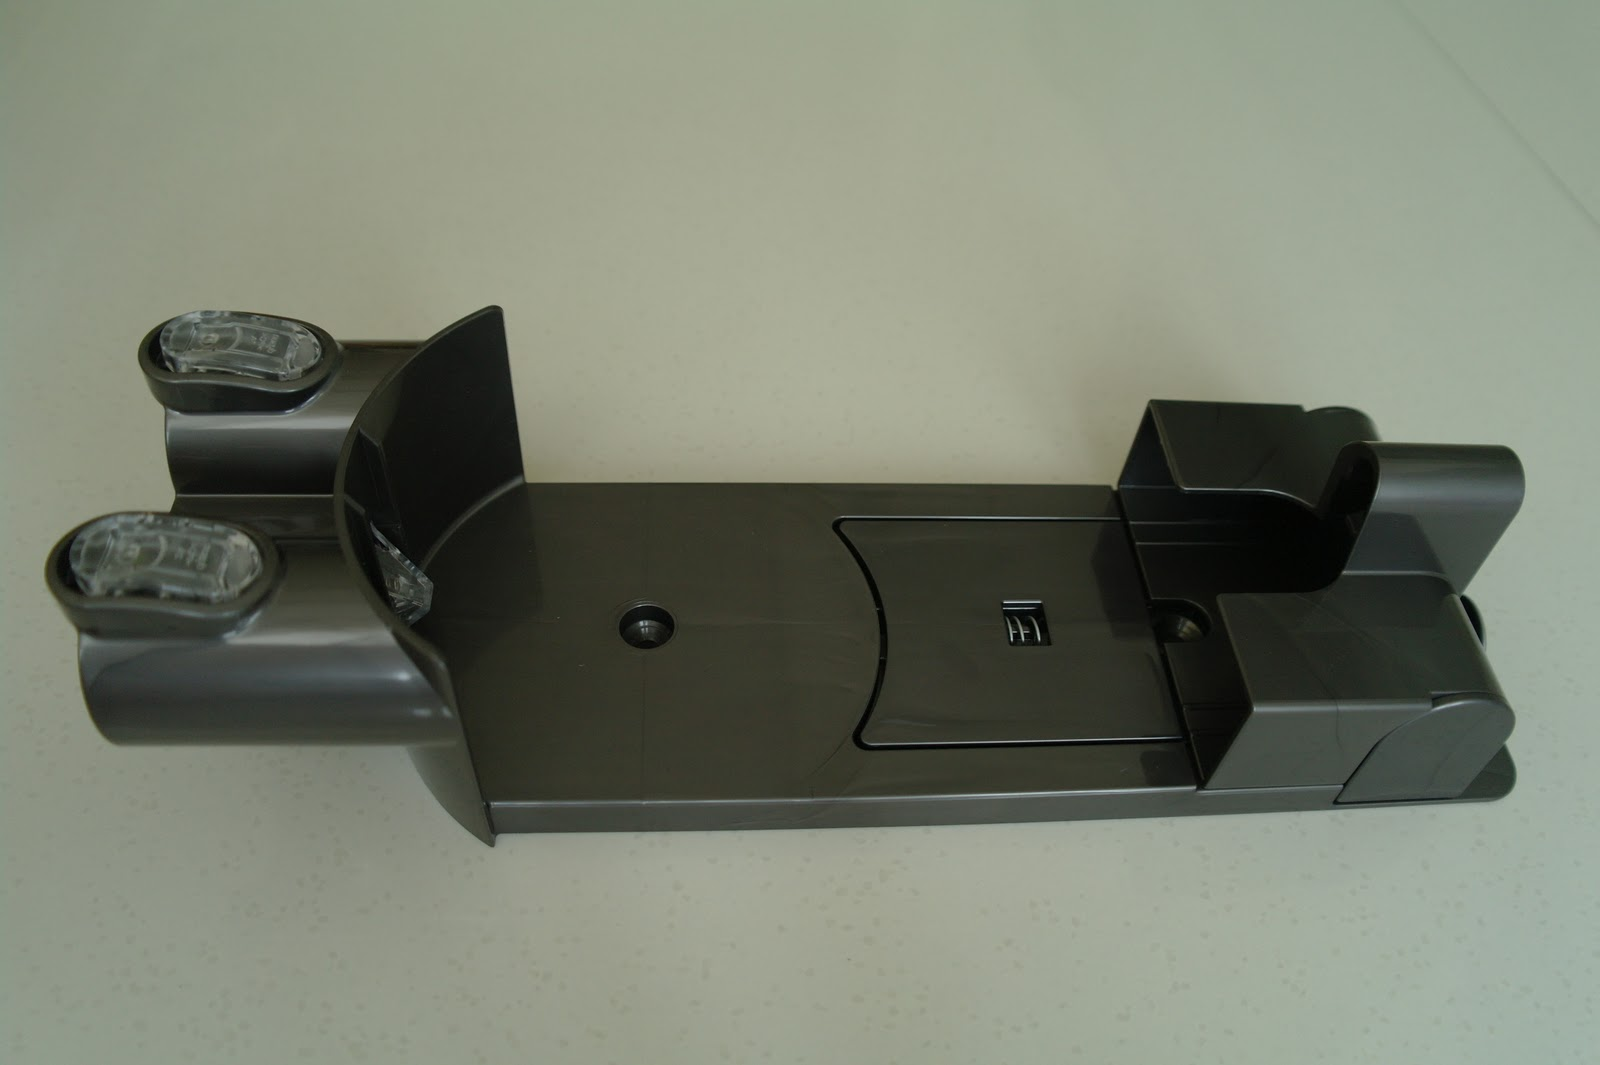 Dyson Multi Floor Digital Slim Vacuum Cleaner Review Honest Feedback